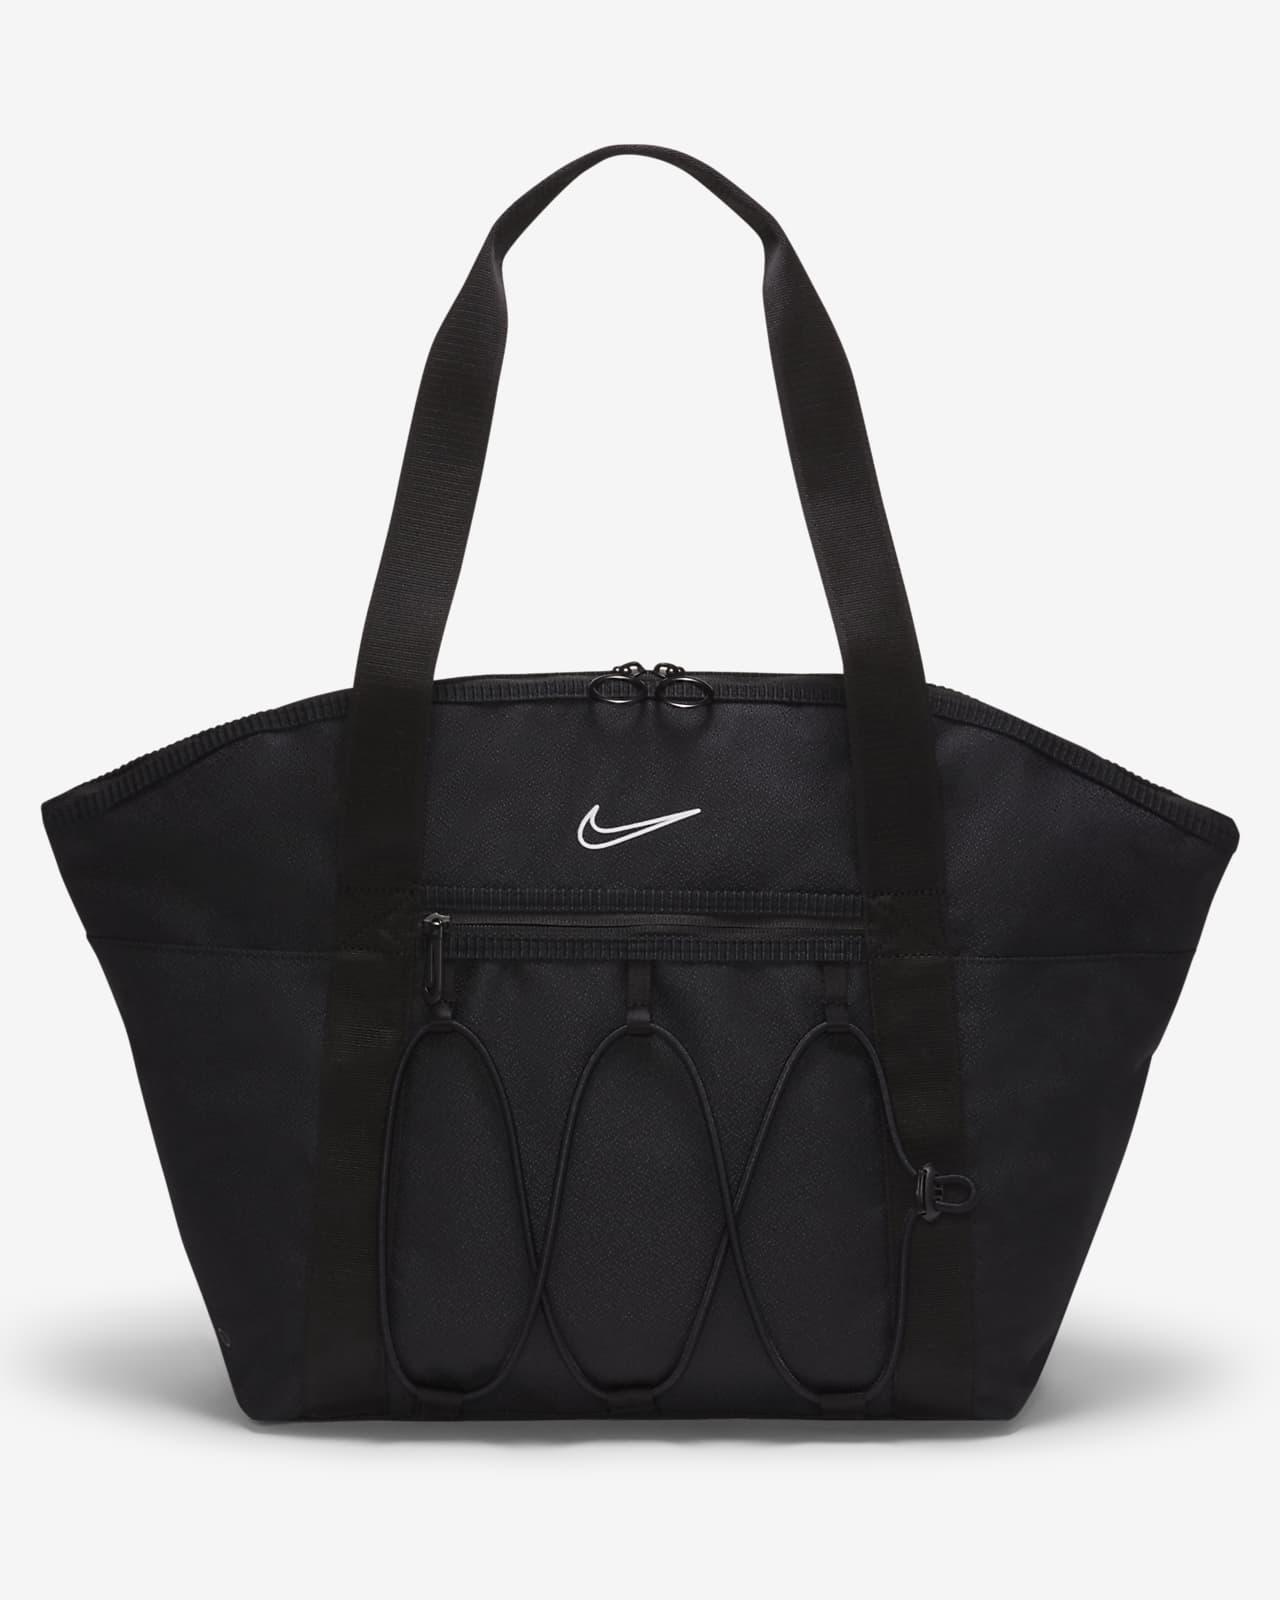 Nike One Trainingstasche für Damen